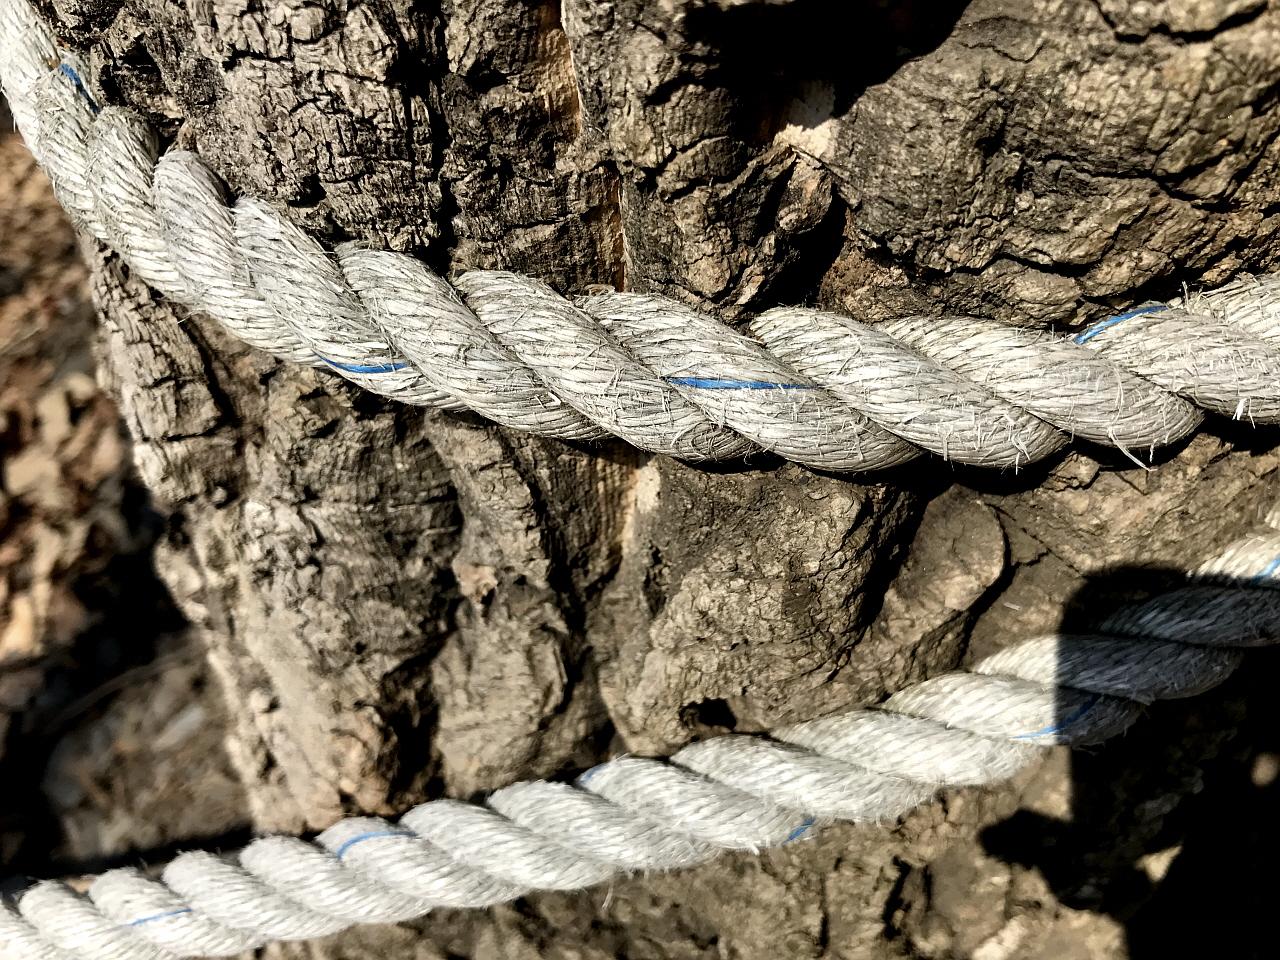 굴참나무를 조이는 밧줄 만인산 안전을 위히 설치한 밧줄이 조여가고 있다.